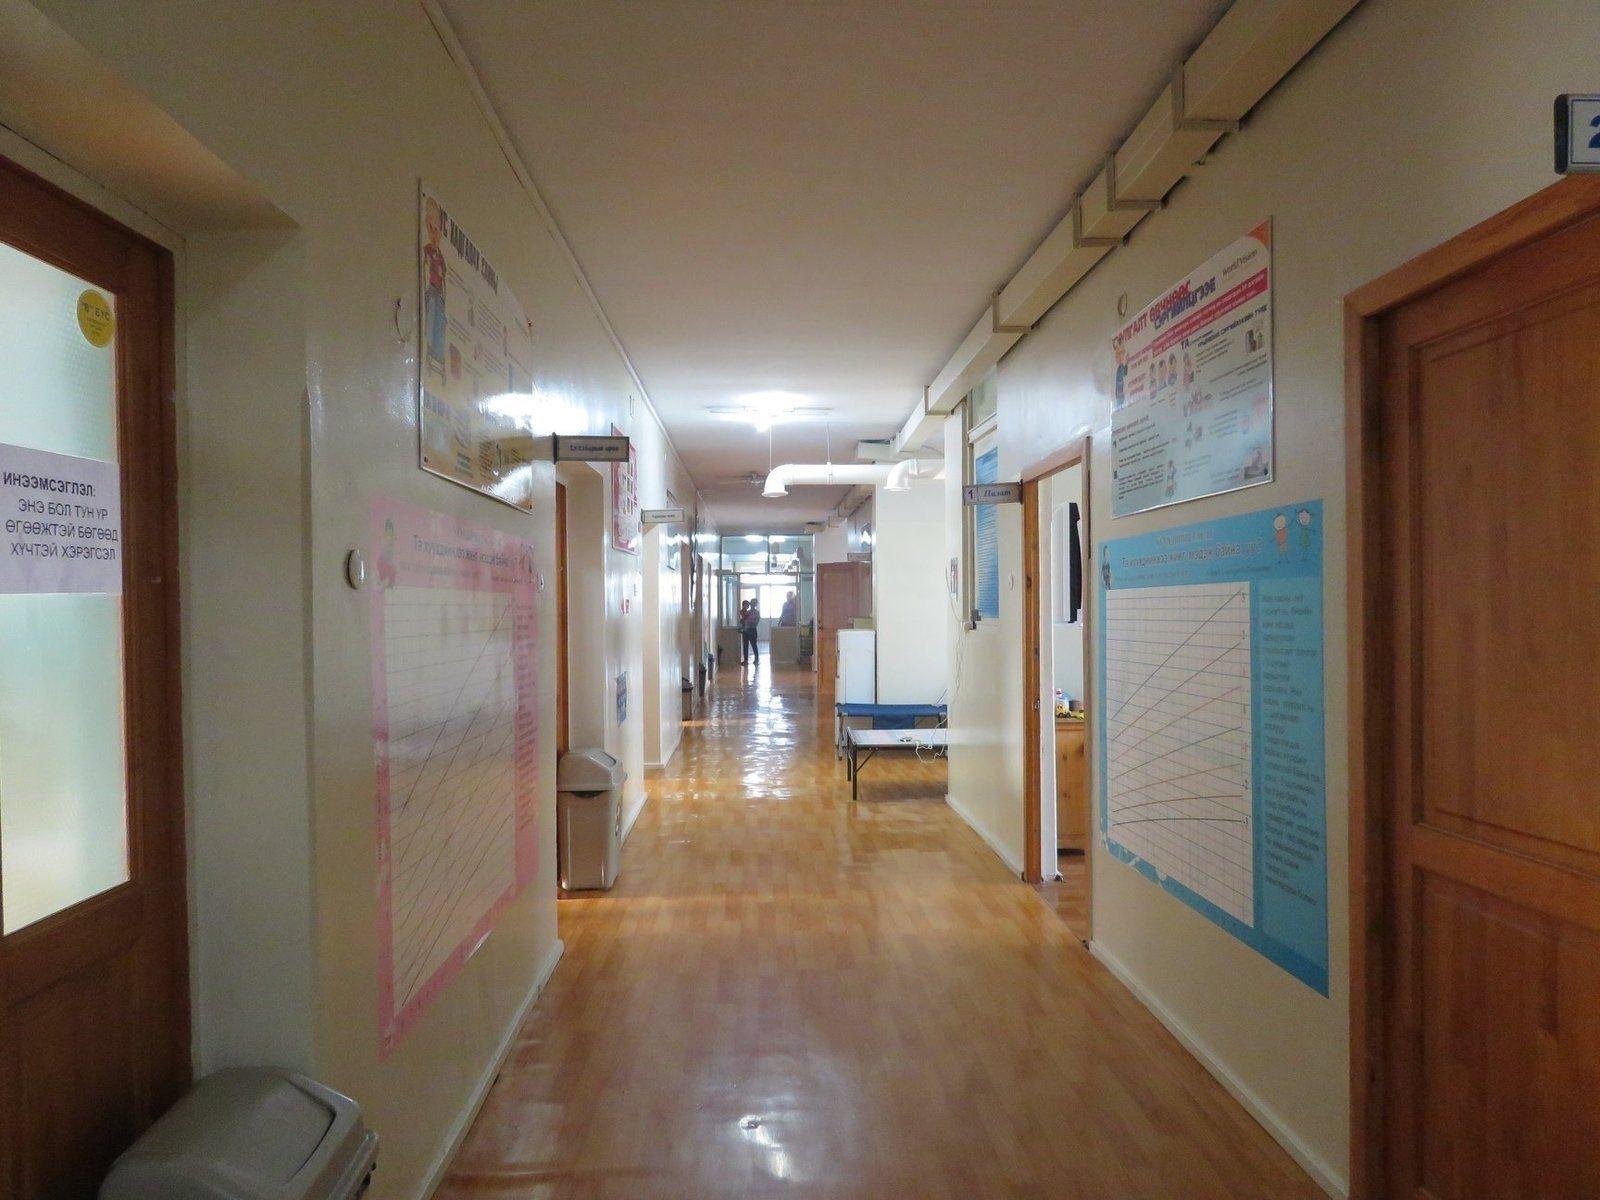 Эмнэлгүүдийн хүүхдийн орны ачаалал багасжээ